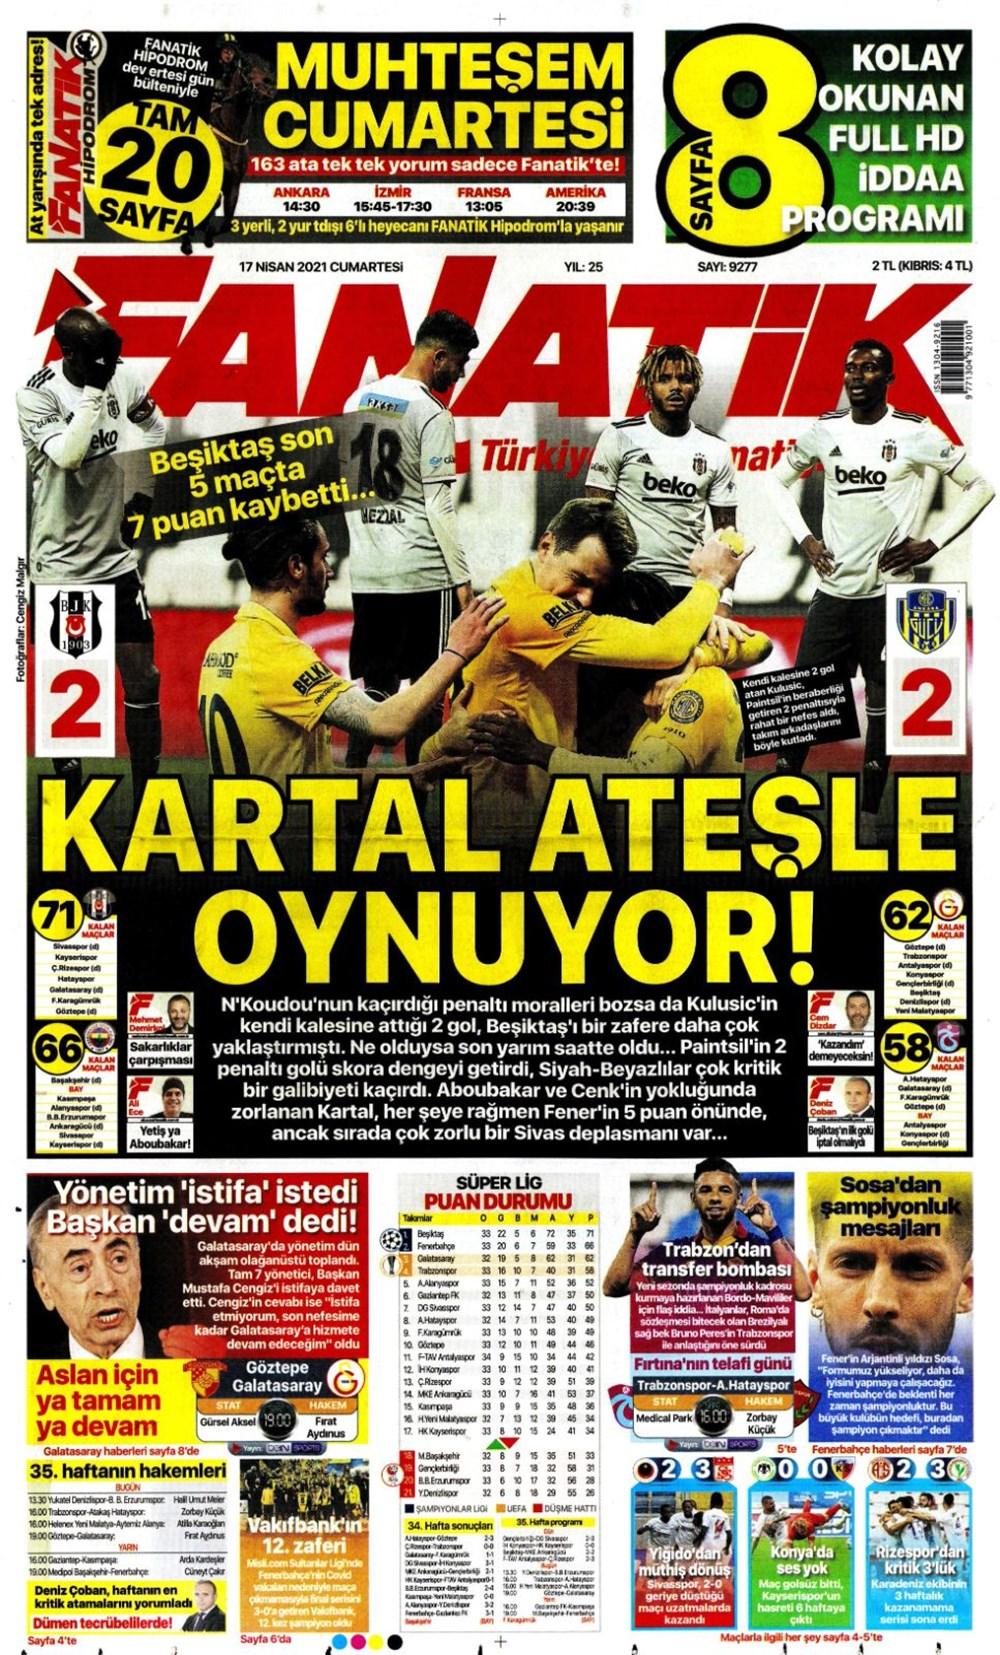 Günün spor manşetleri (17 Nisan 2021) - 4